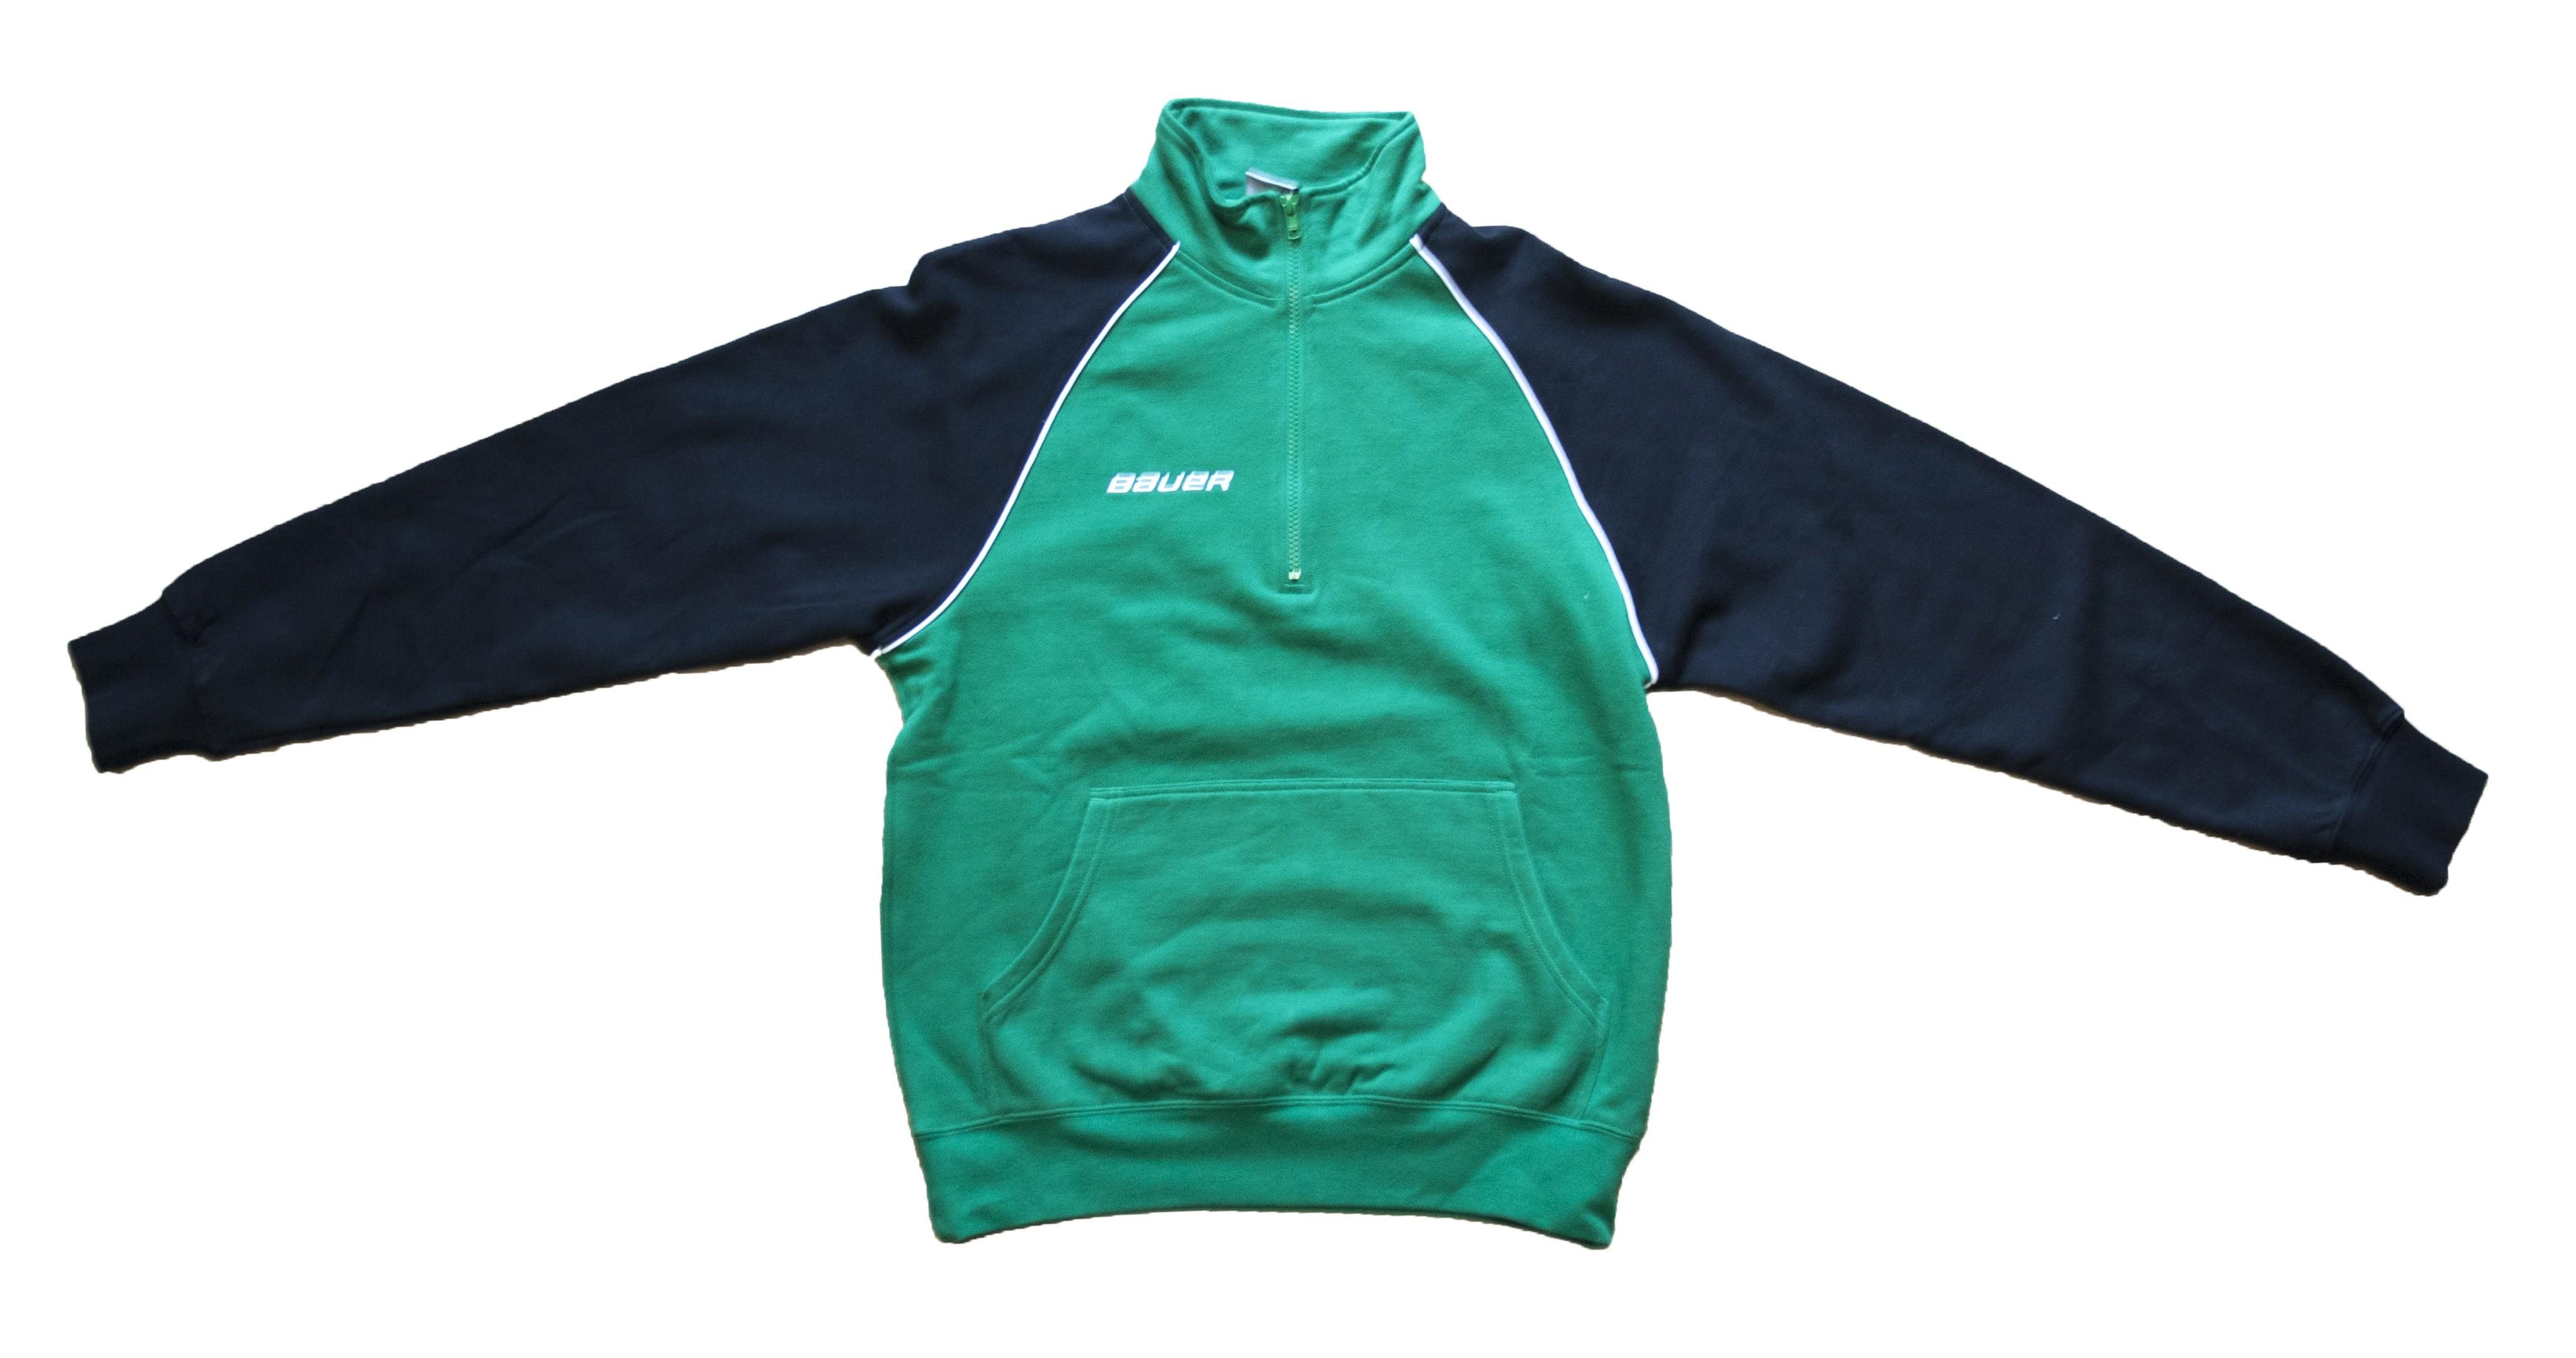 Bauer Adult 1/4 Zip Sweatshirt